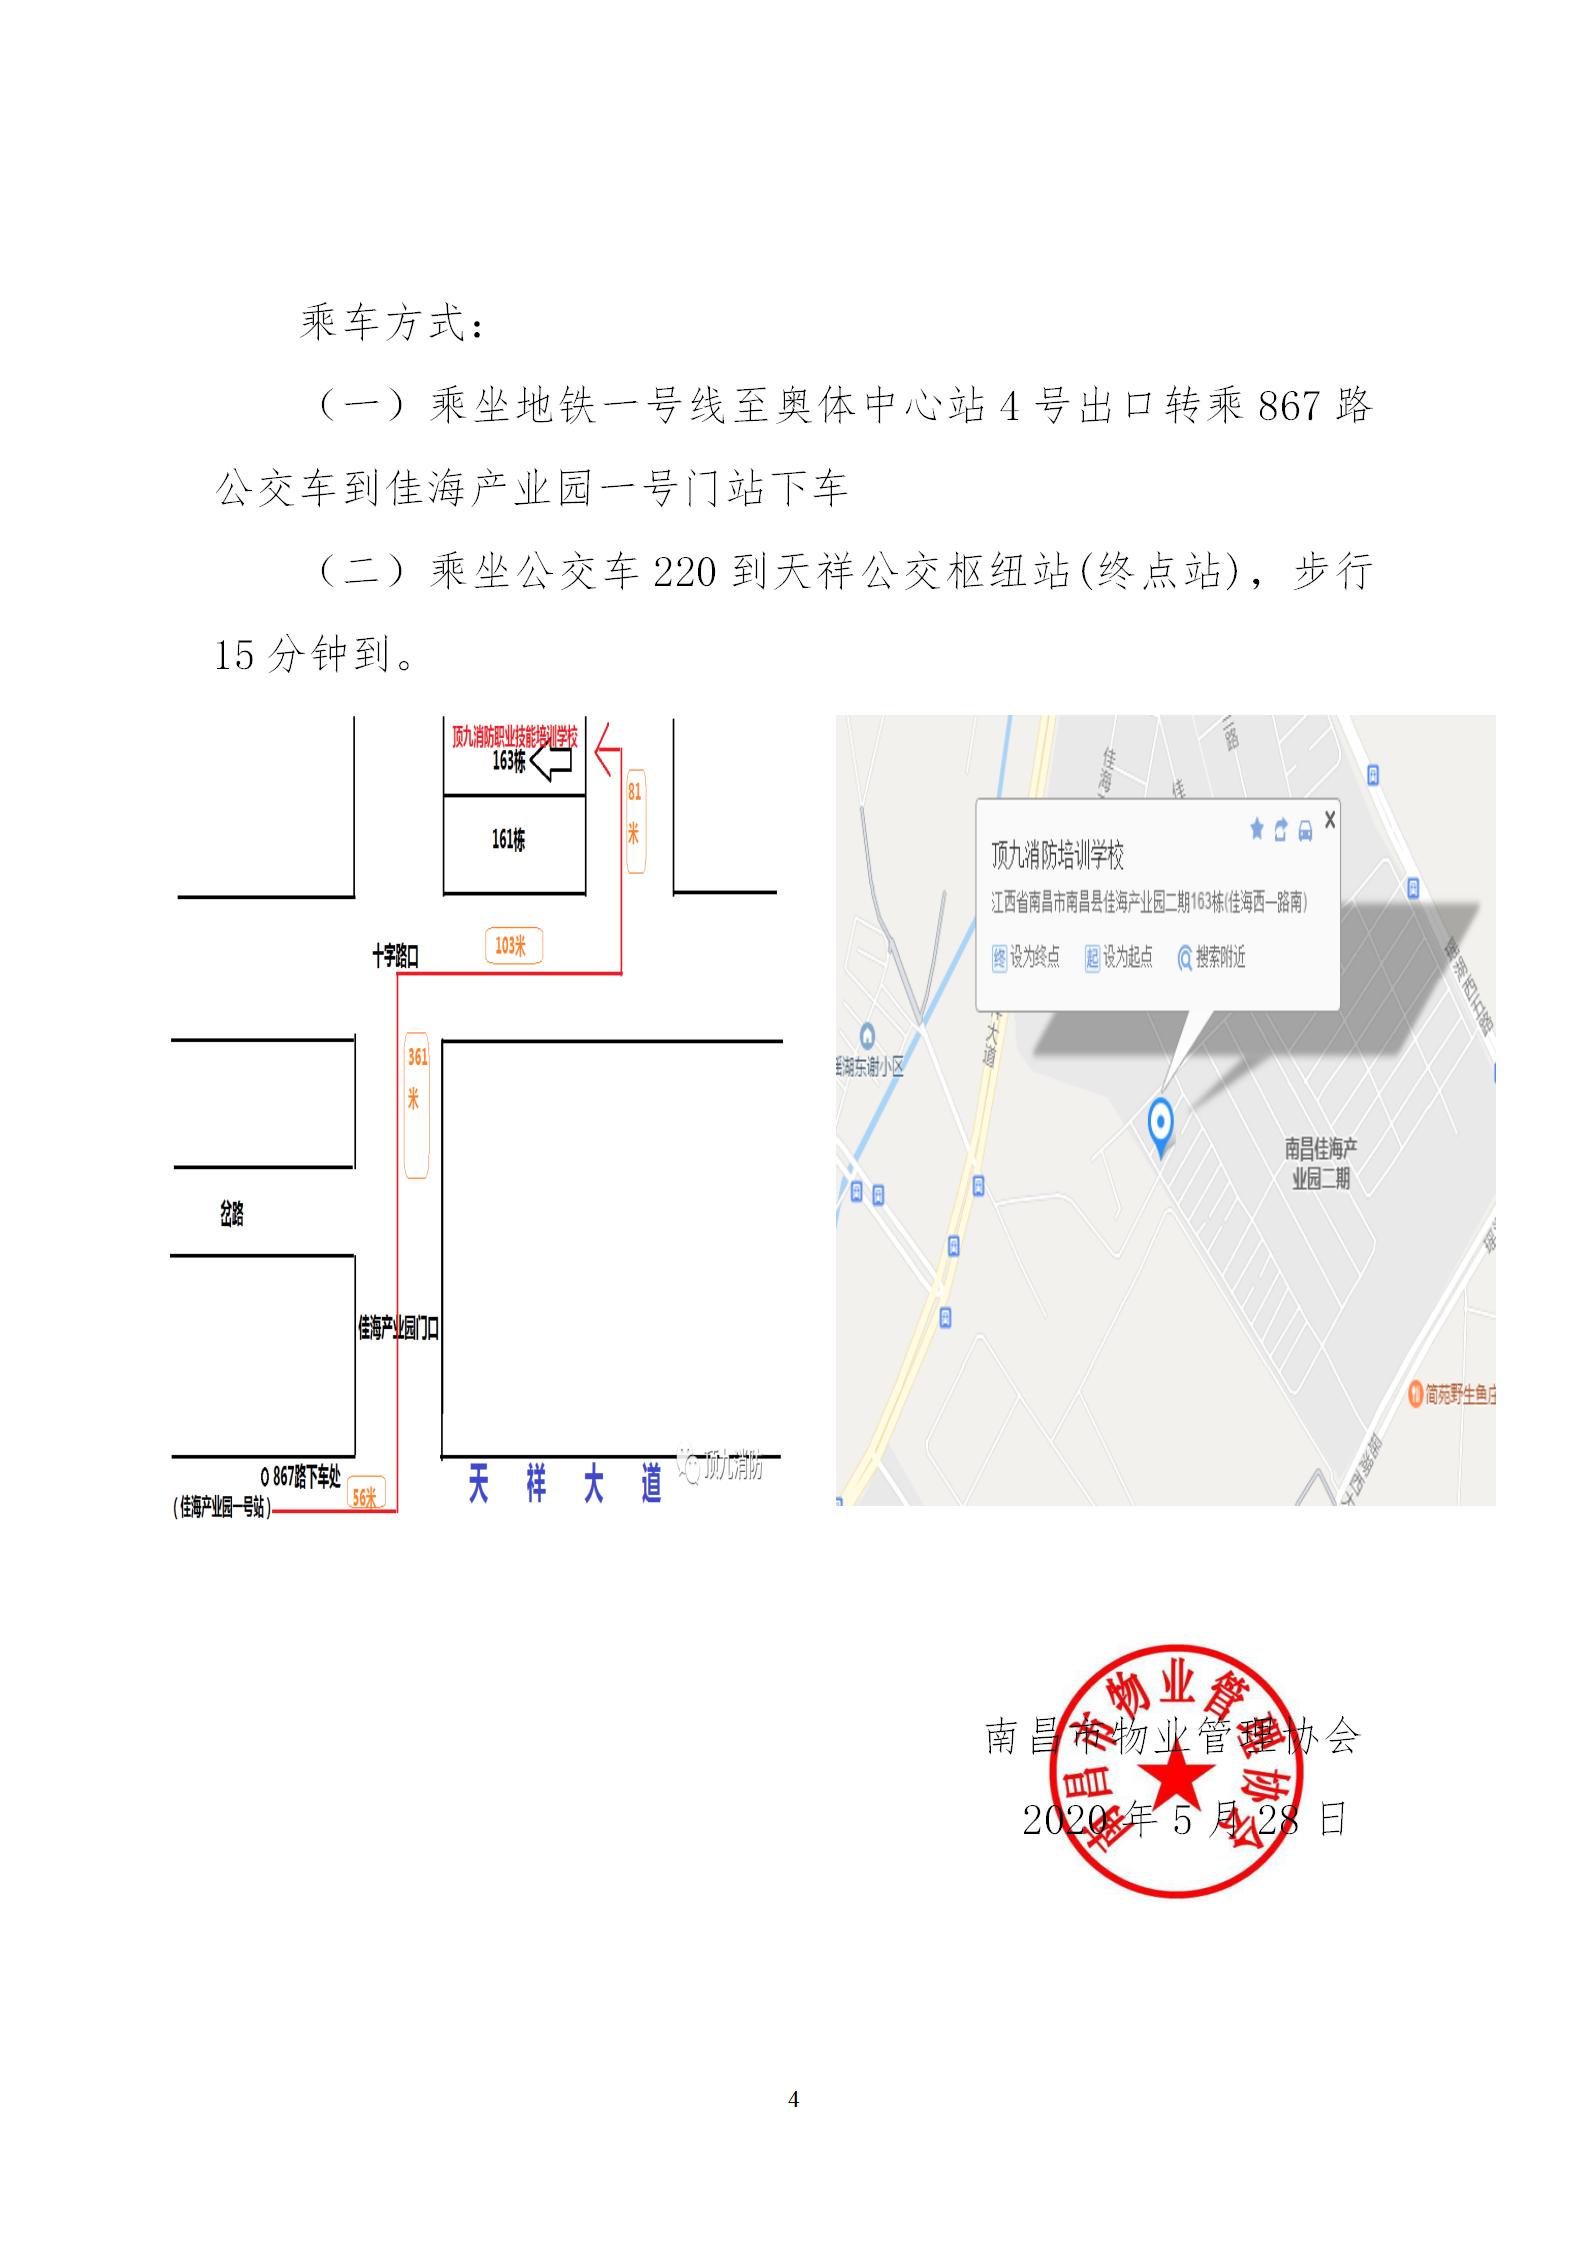 洪物协字[2020]10号 关于举办南昌市物业服务项目经理学习班的通知_04.png